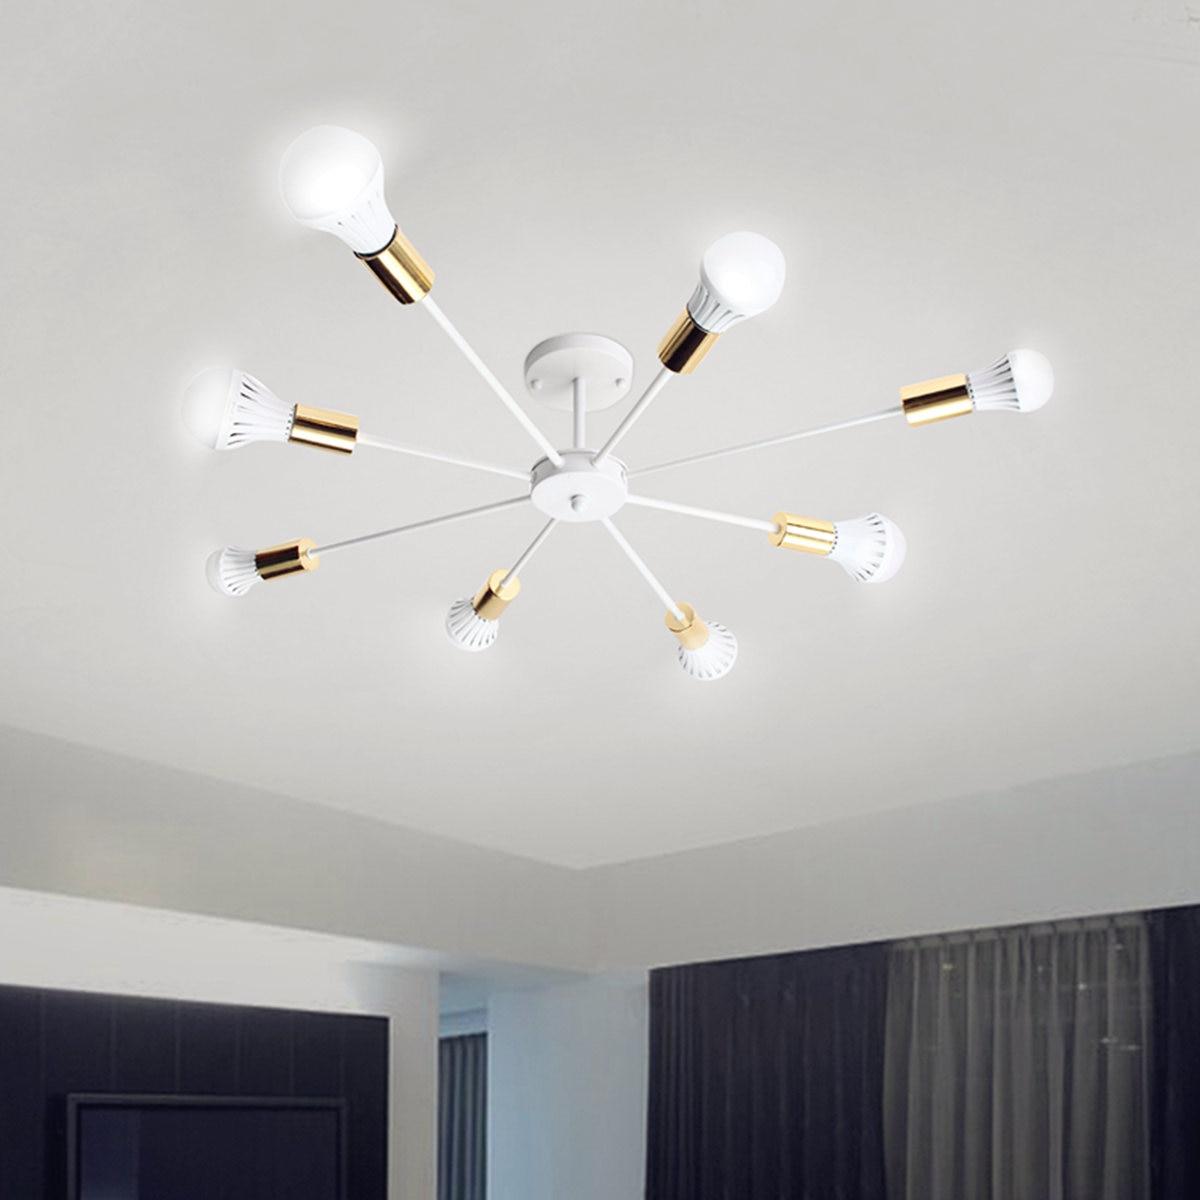 Smuxi 85-265V E27 żyrandole światła Vintage Industrial Edison 8 światła żyrandol oprawa czarny biały nie zawiera żarówki